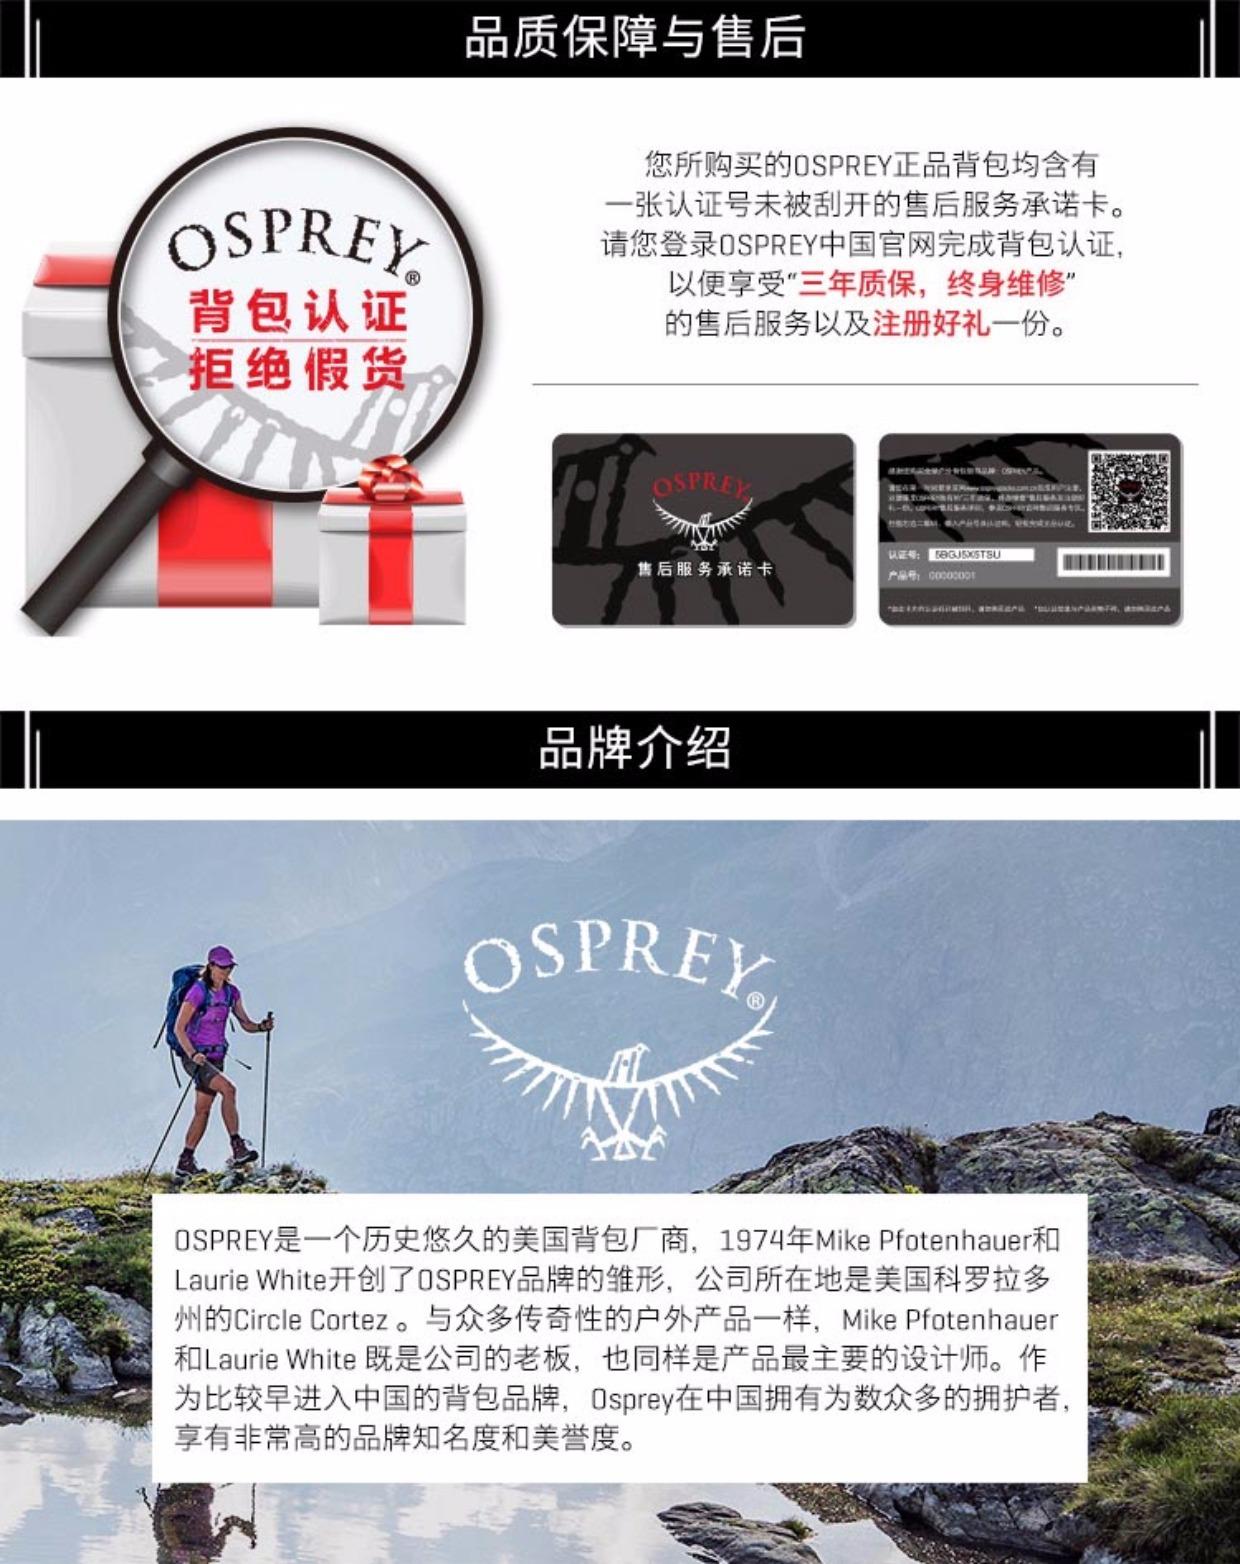 戶外上新登山背包-Osprey小鷹戶外登山包tempest暴風20 30女款雙肩騎行徒步日用背包